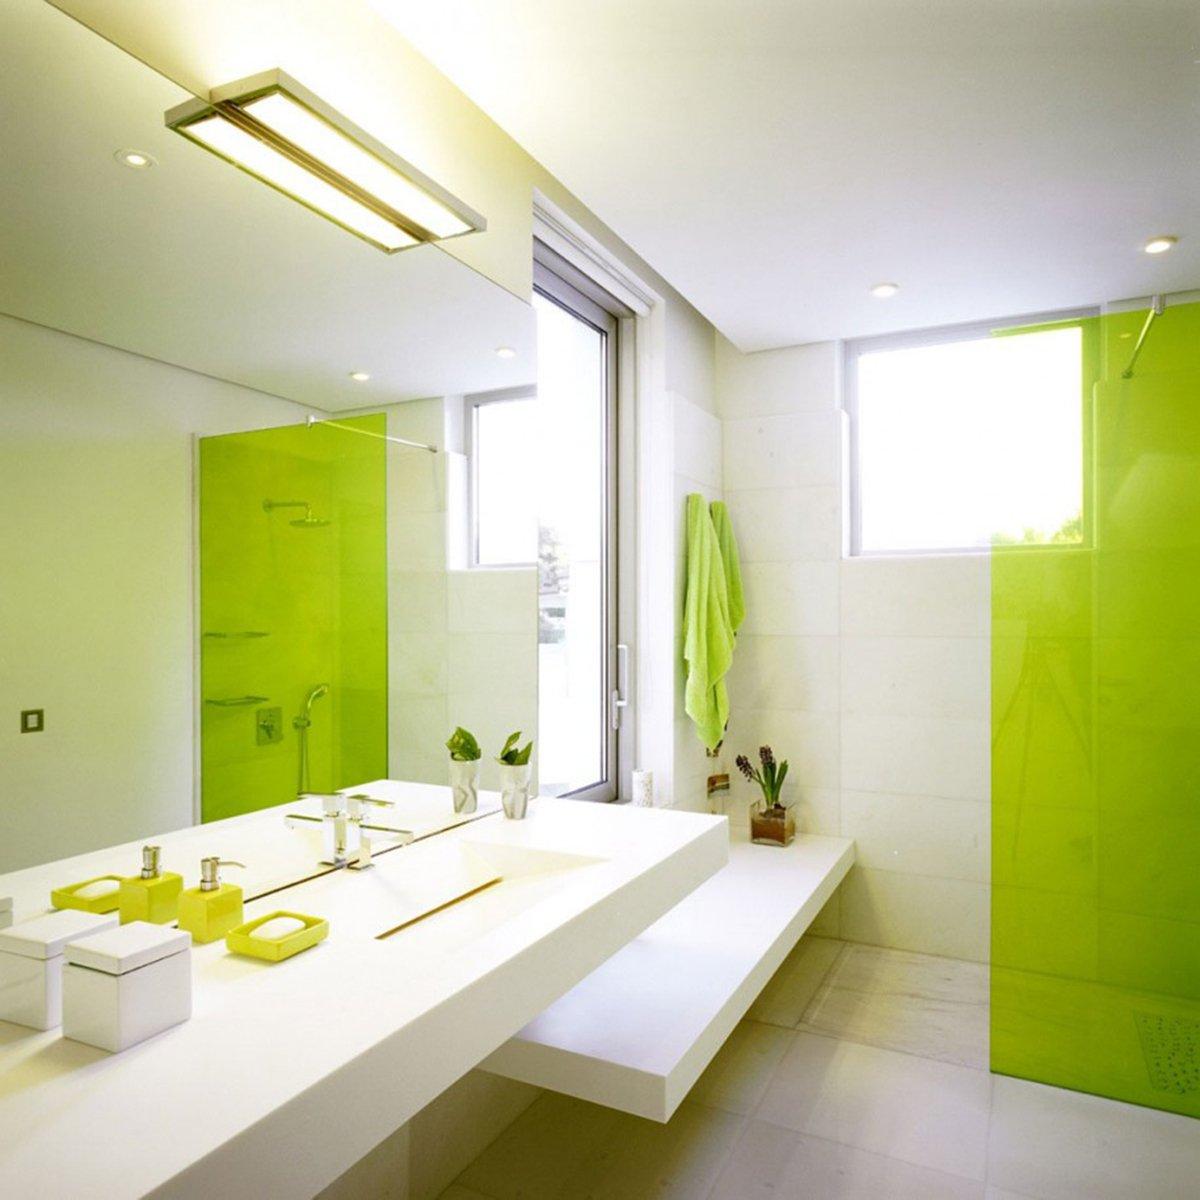 bagno-pareti-color-verde-lime 26